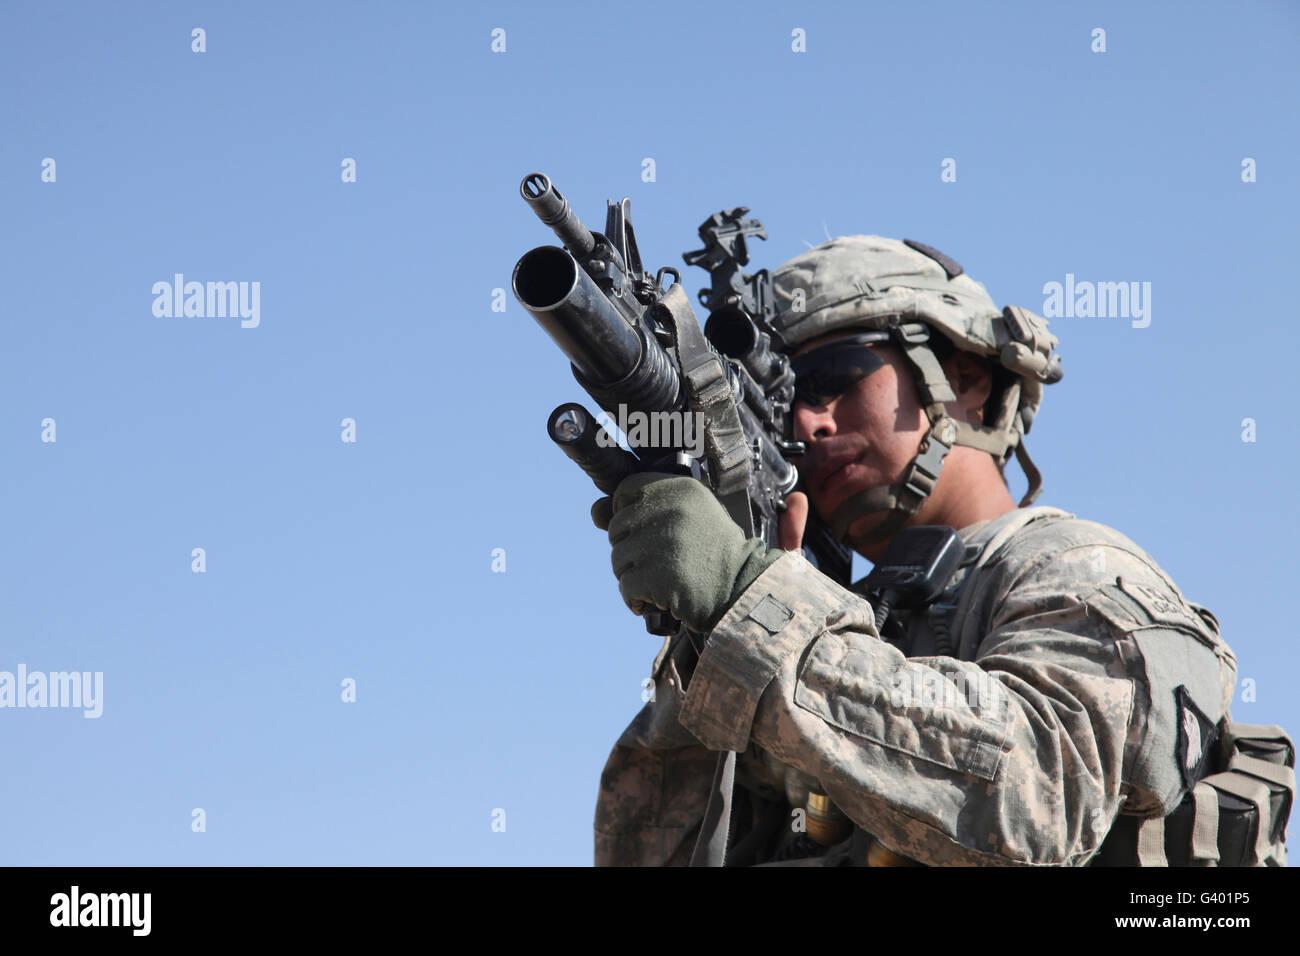 Entfernungsmesser Us Army : Us army soldat scannt die gegend mit einem m granatwerfer